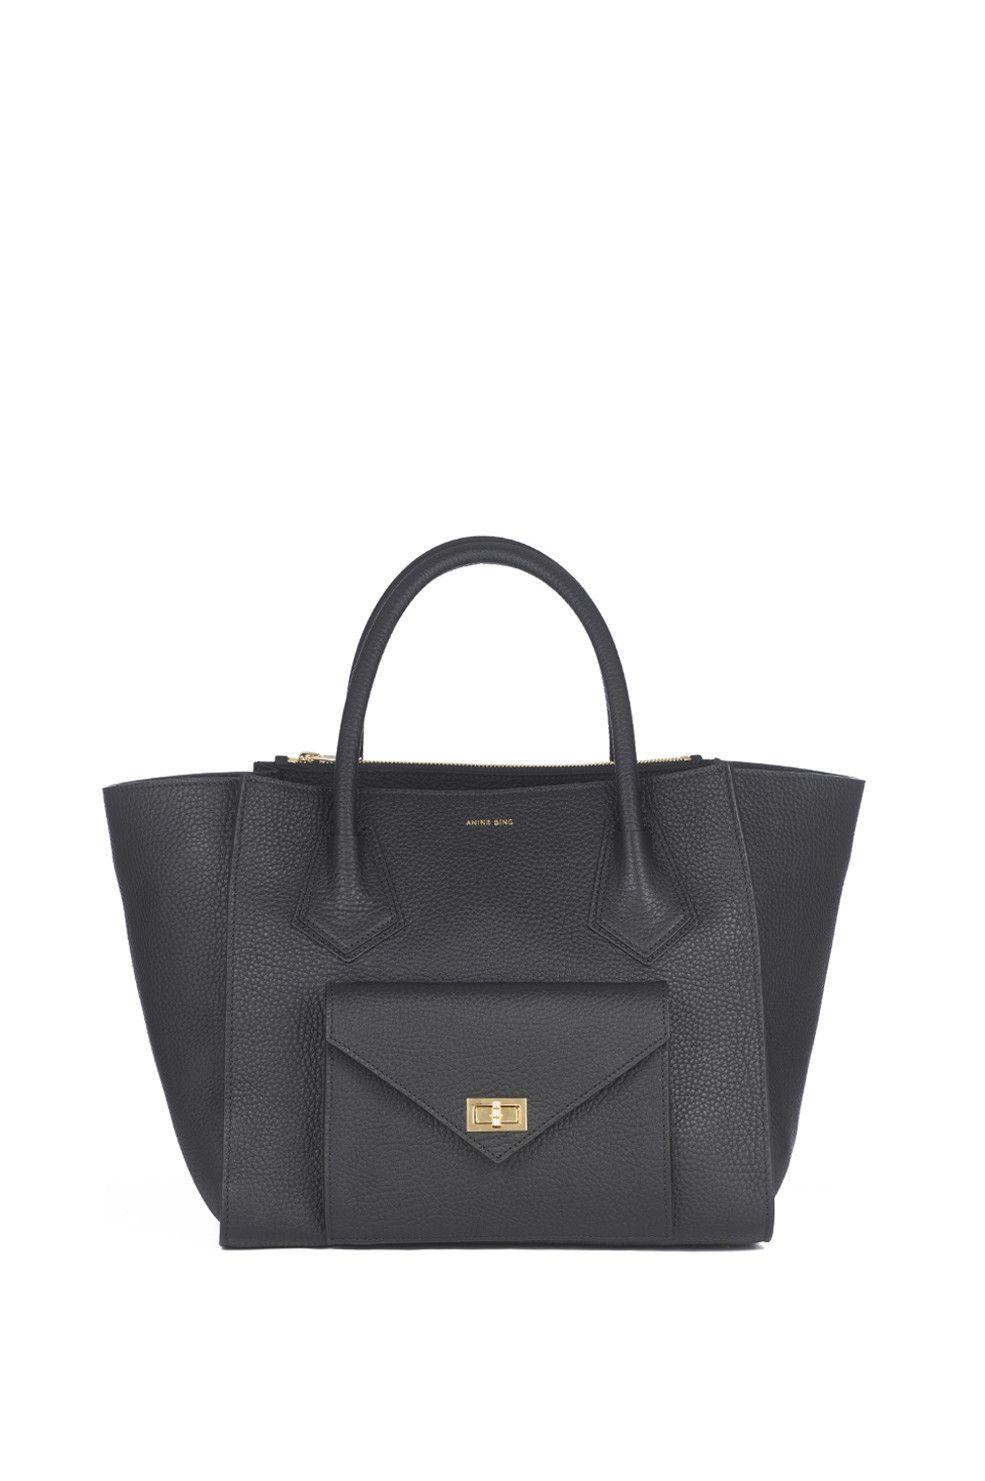 05e95178fc Madison Handbag - black - ANINE BING - 1 Abiti Da Ufficio